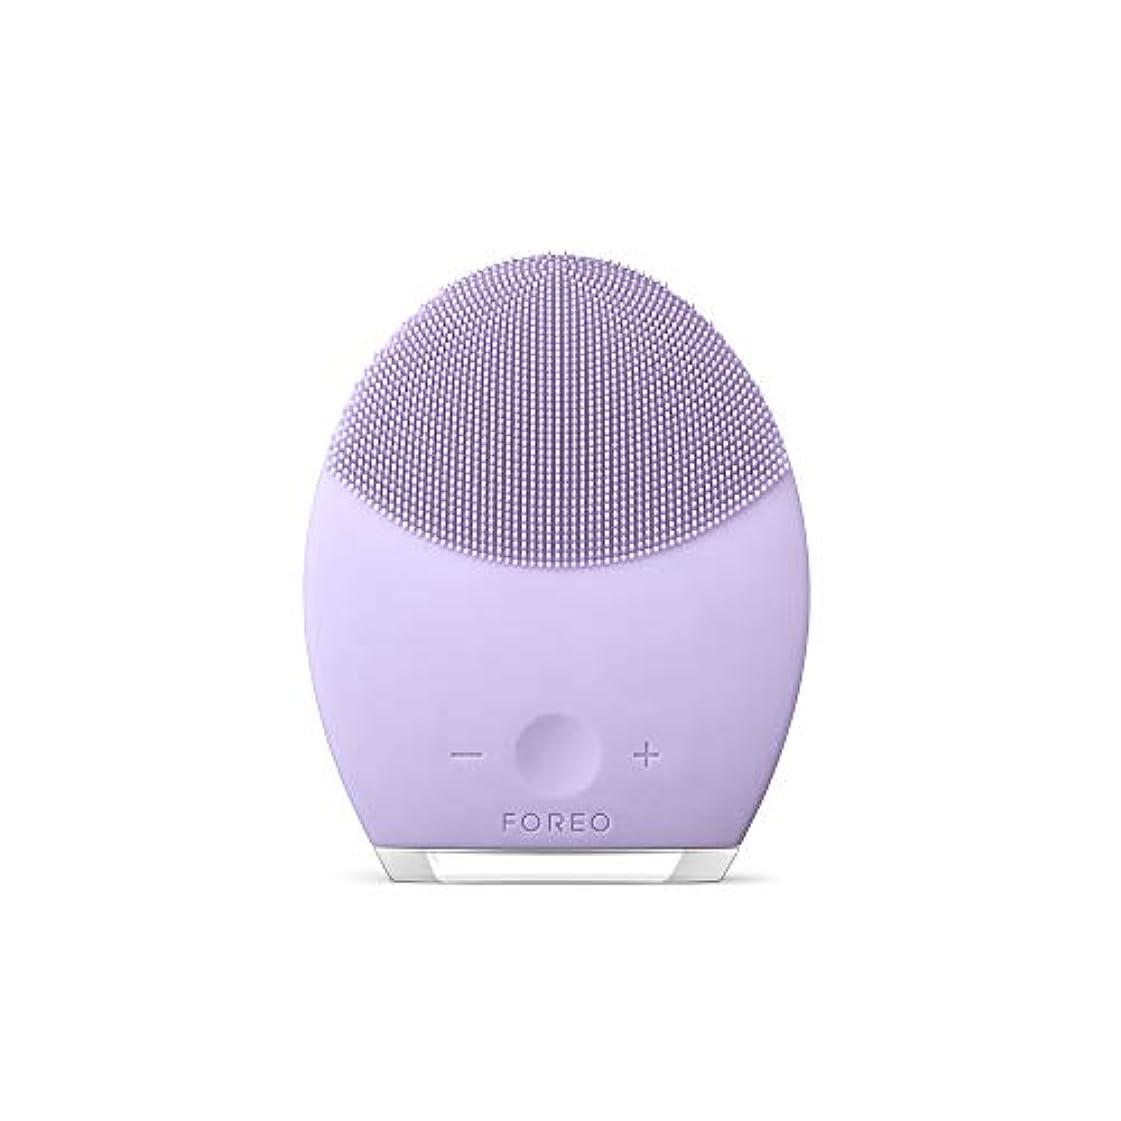 冷酷なアジャコインFOREO LUNA 2 for センシティブスキン 電動洗顔ブラシ シリコーン製 音波振動 エイジングケア※